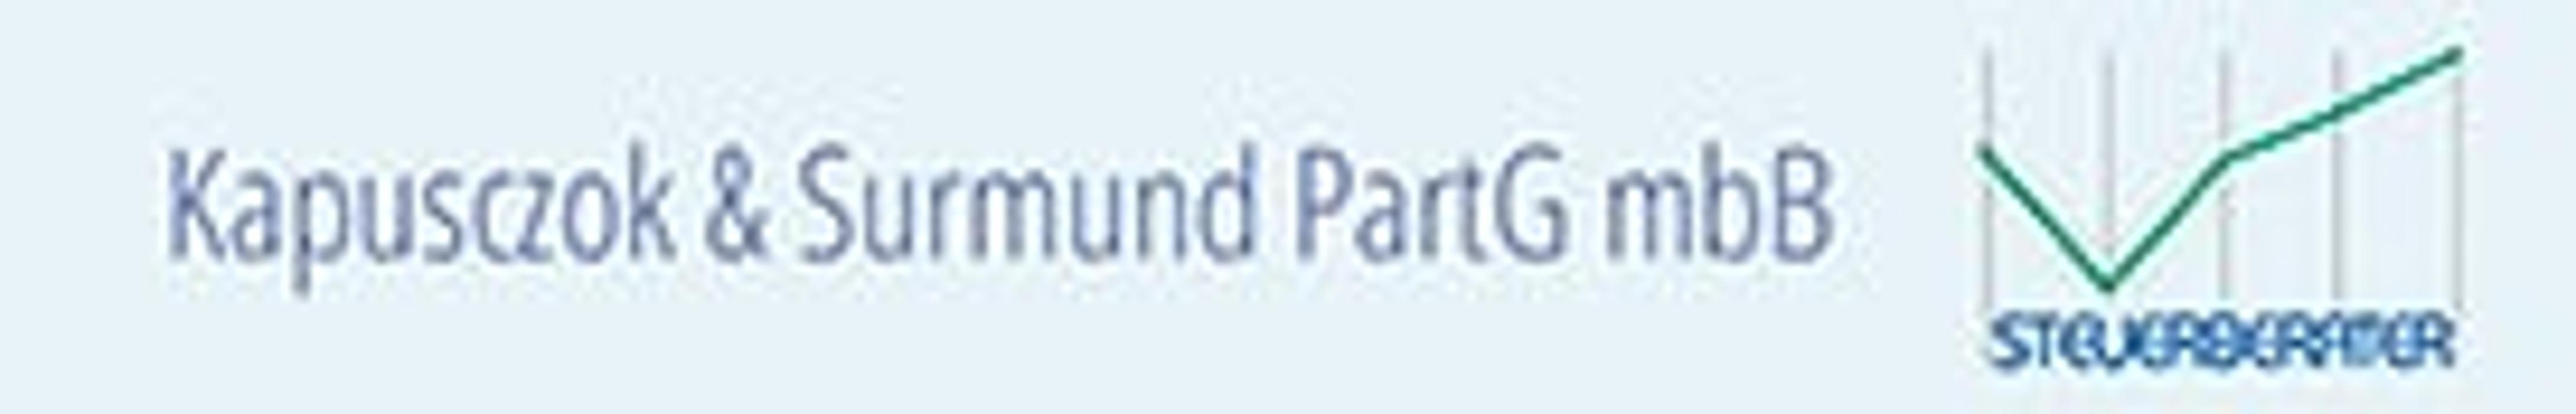 Bild zu Kapusczok & Surmund Steuerberater PartG mbB in Duisburg